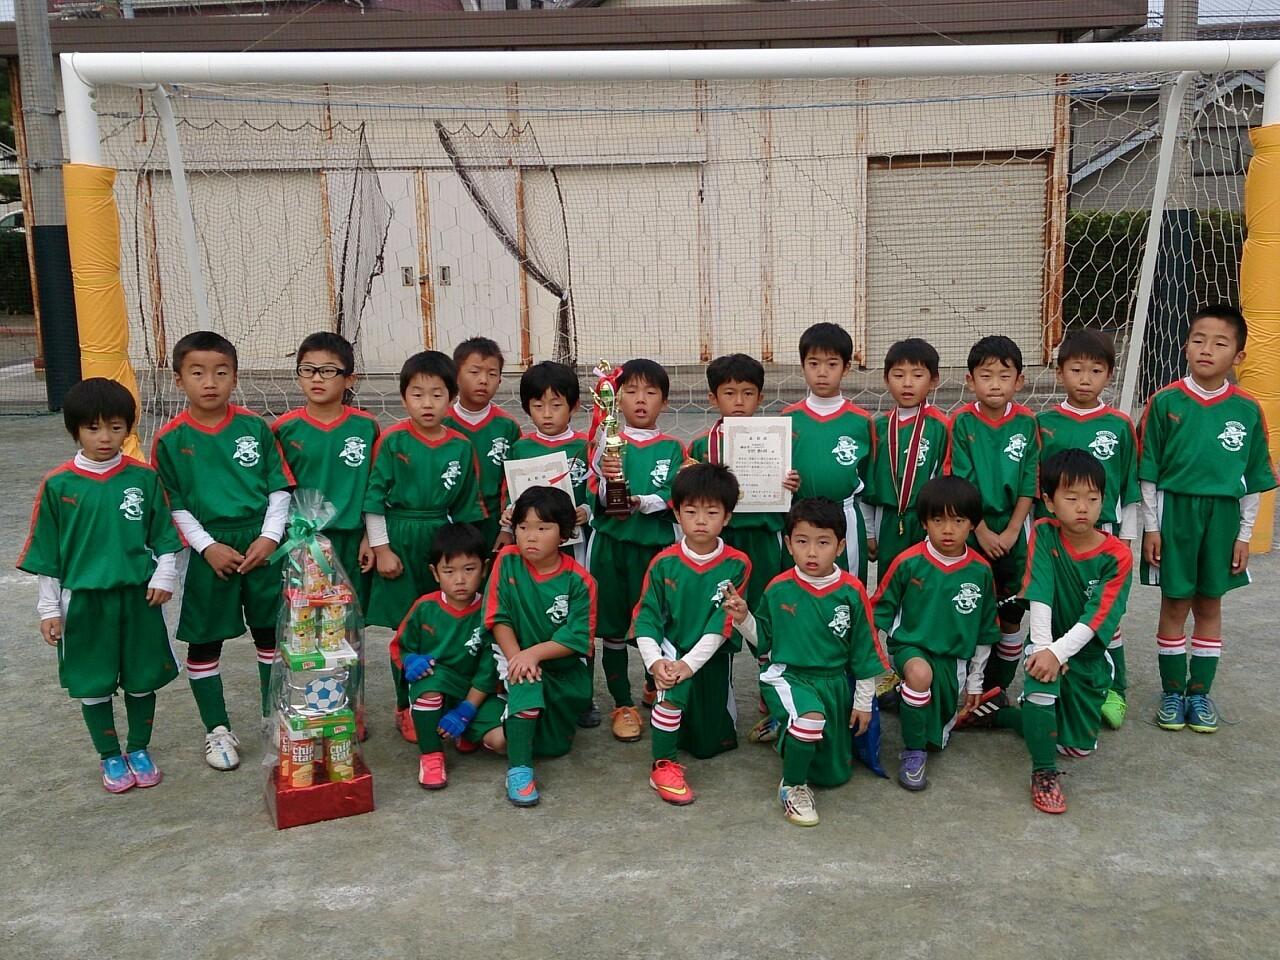 ペガサスカップ U-7(1年生)